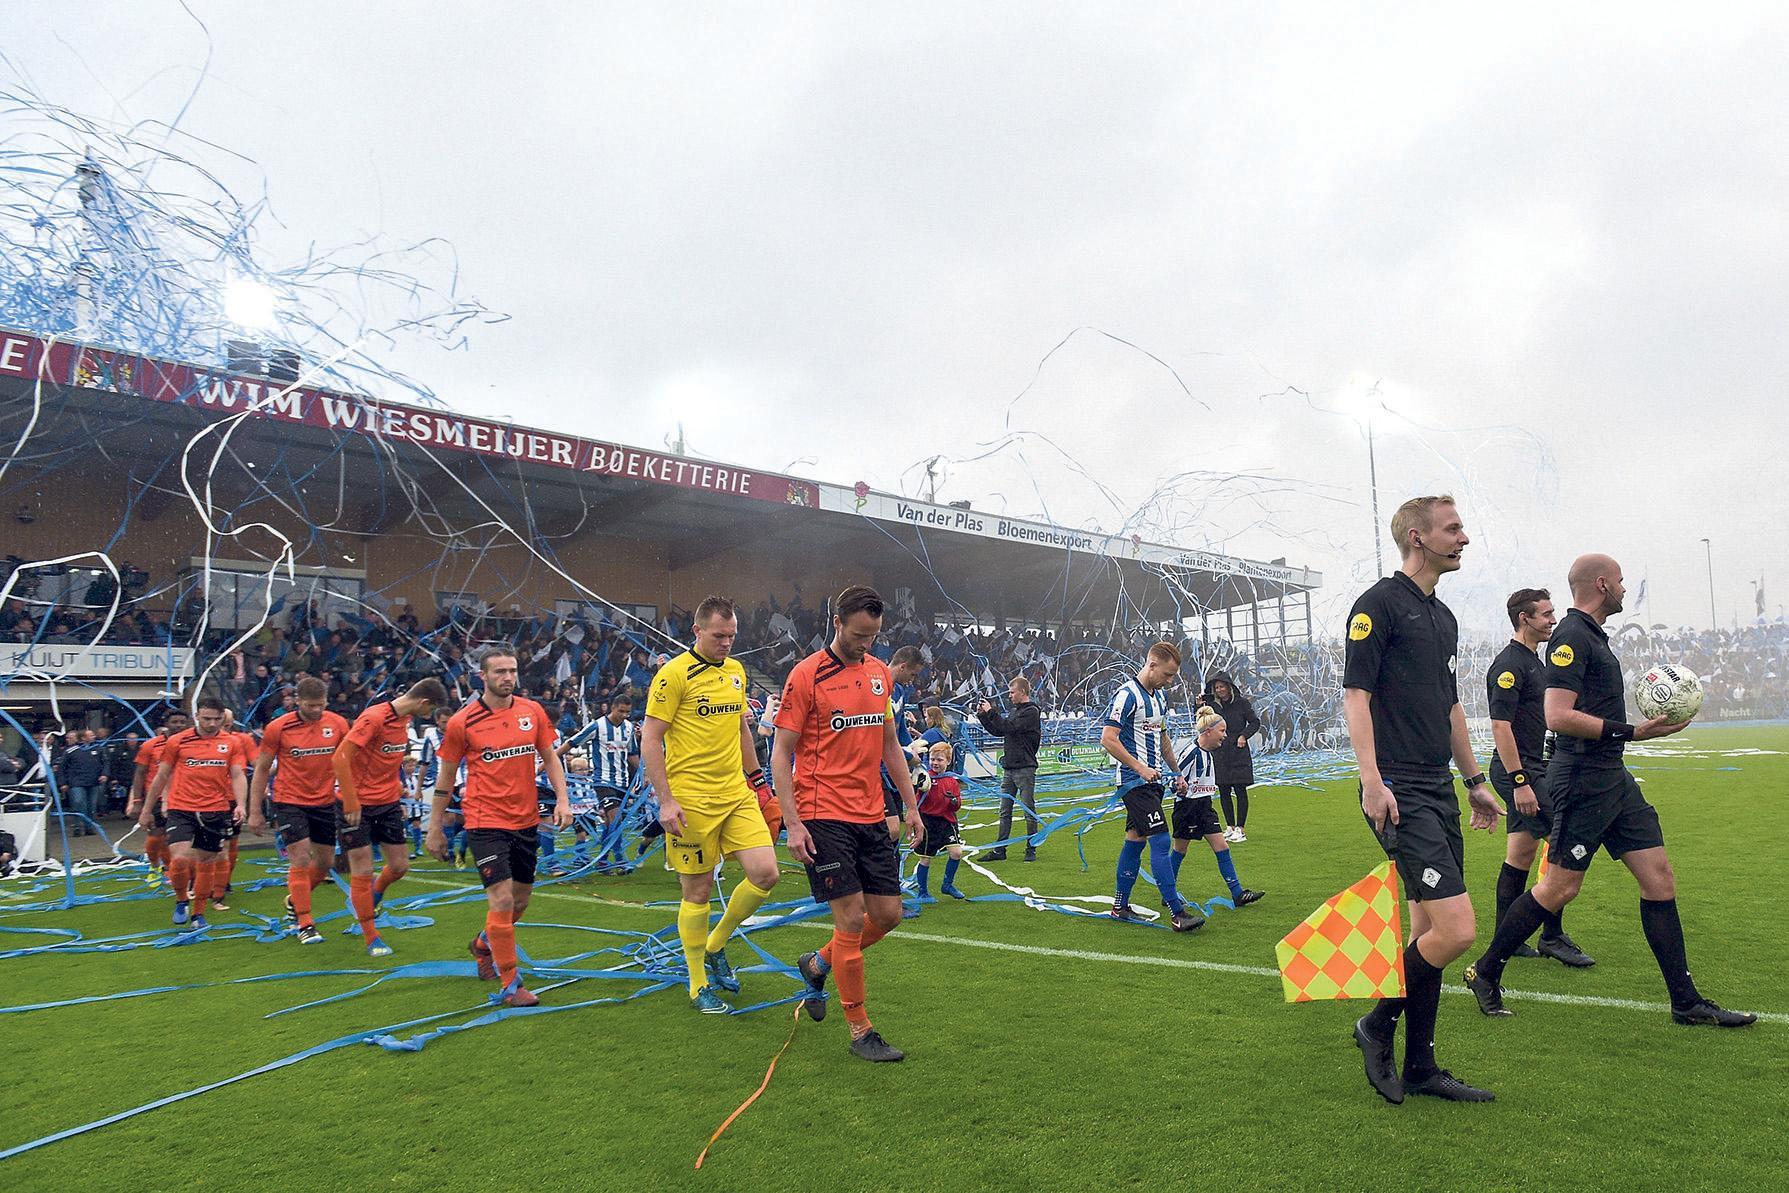 Nieuwe maatregelen zorgen waarschijnlijk voor gewenste uitstel van Katwijkse voetbalderby: 'Wij kunnen onze mening geven, maar het woord is aan de overheid'